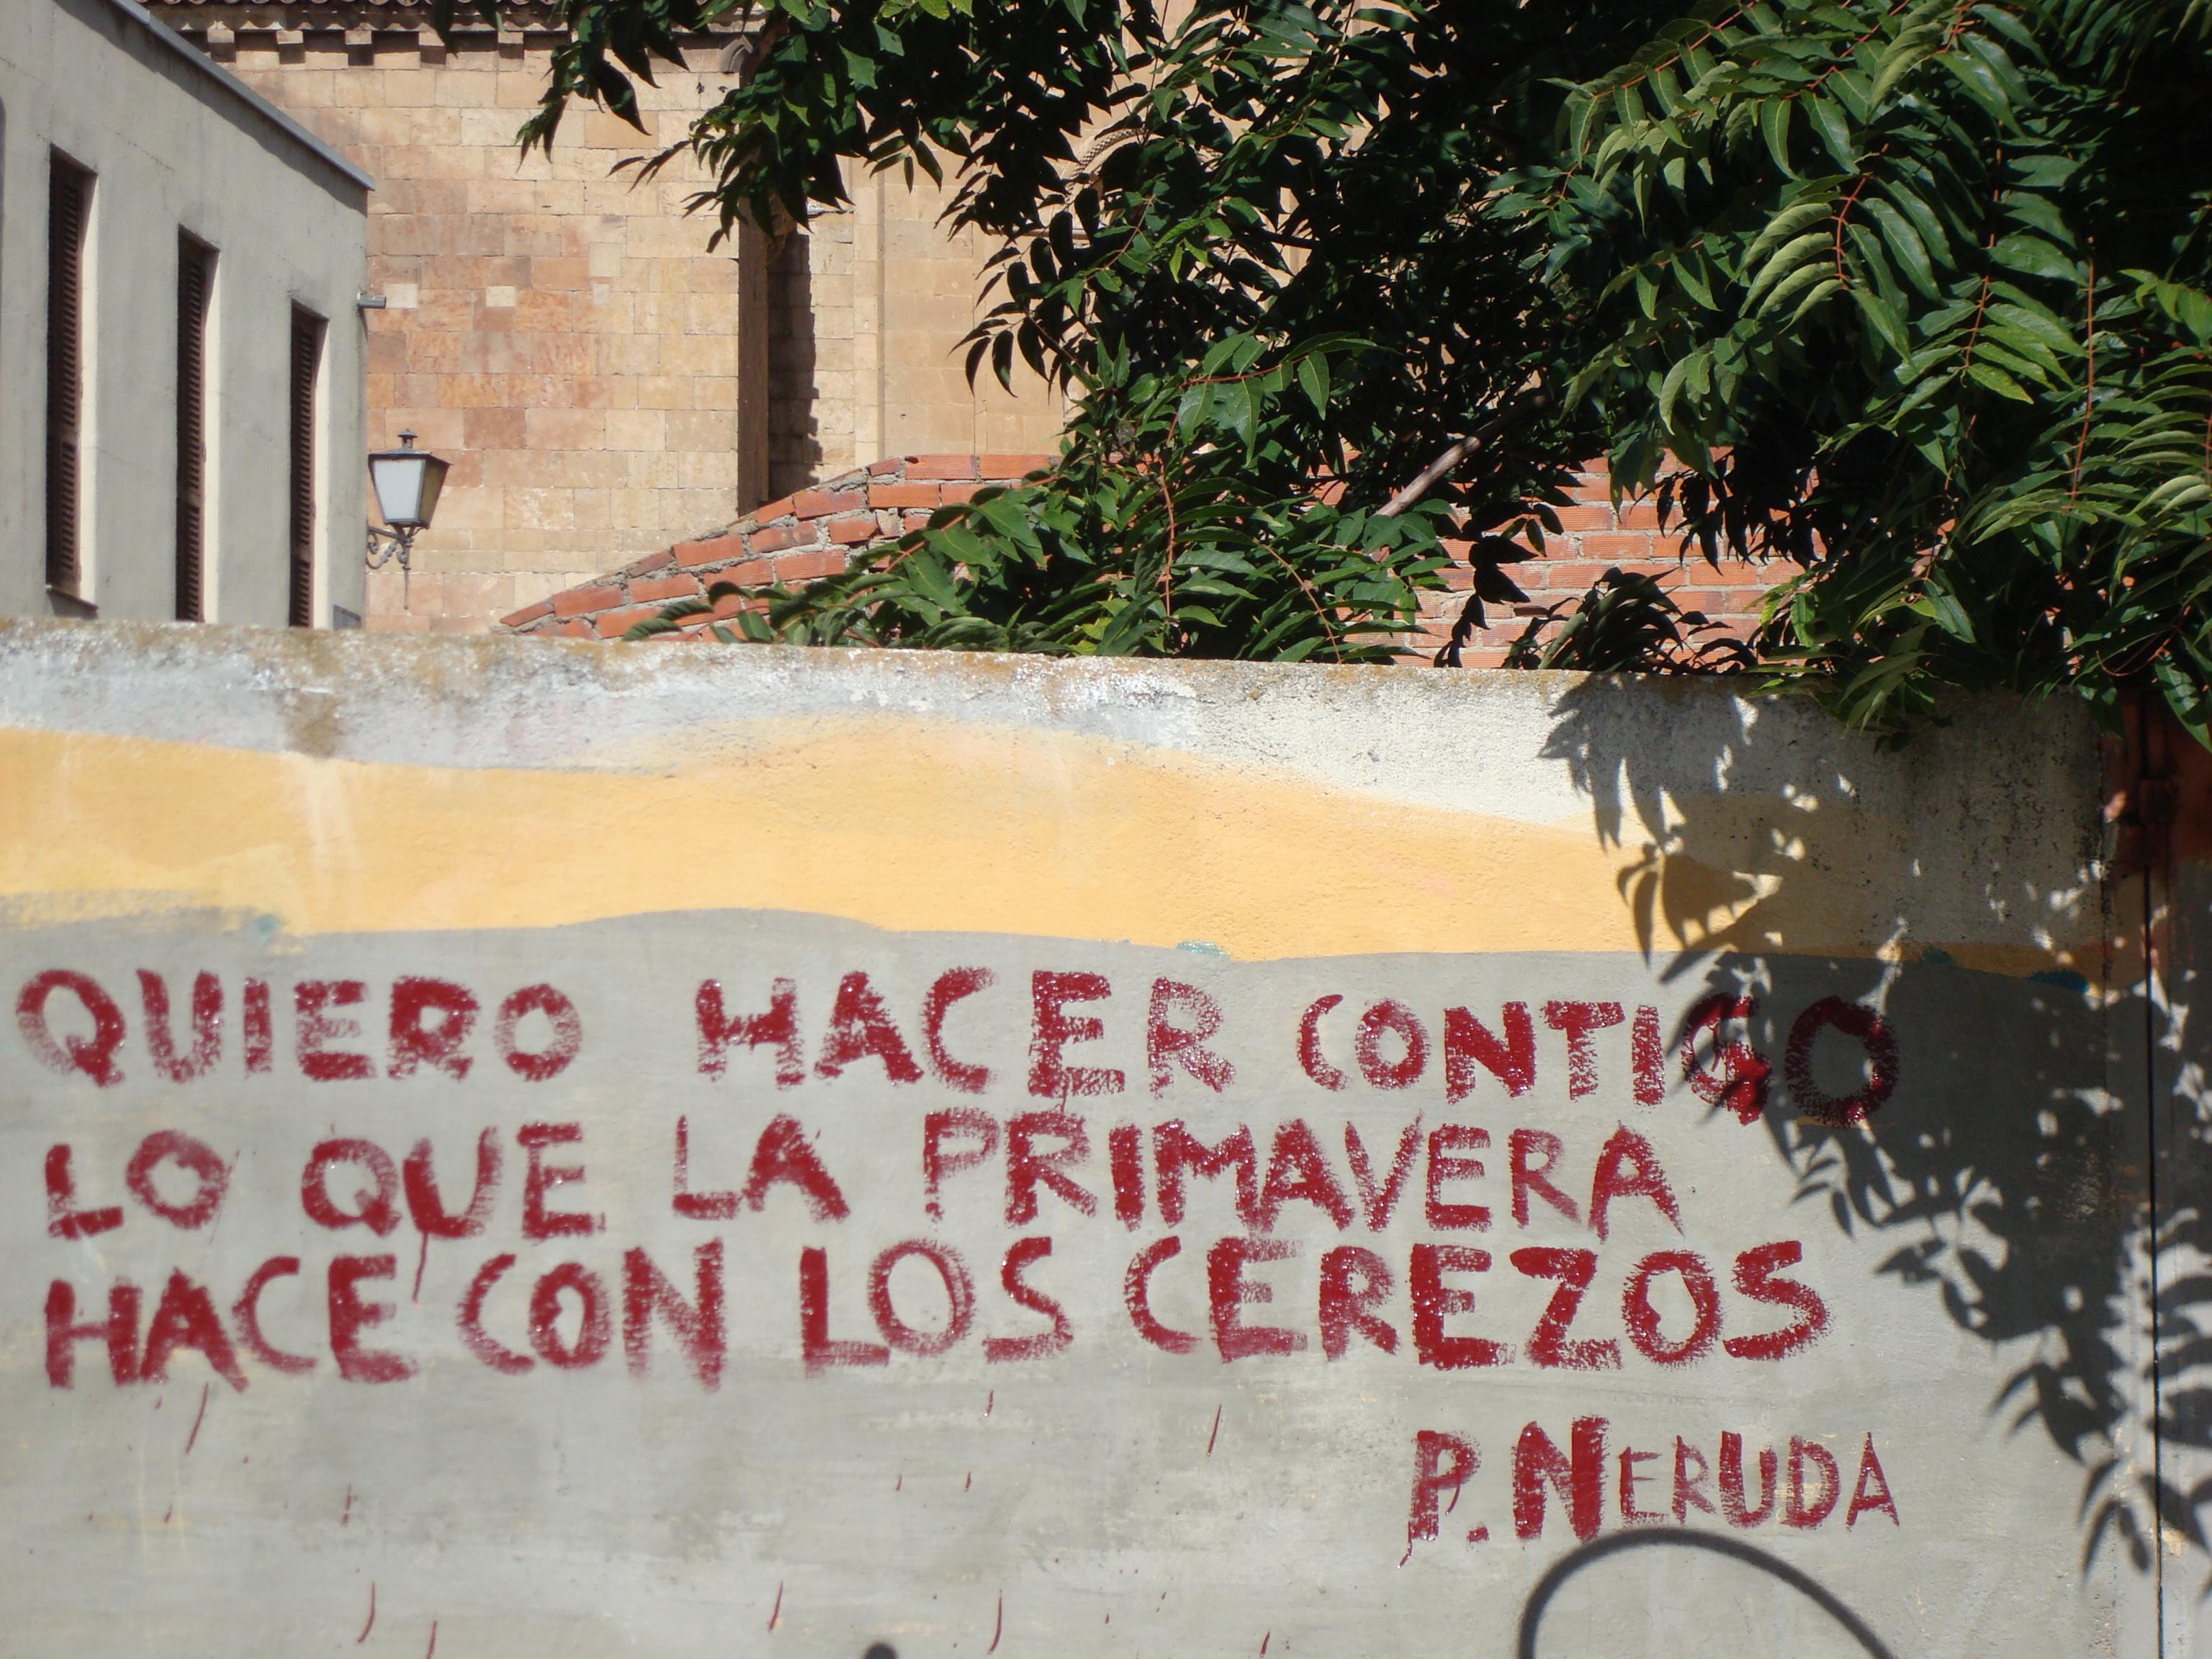 Poetic grafiti salamanca www.andrewforbes.com